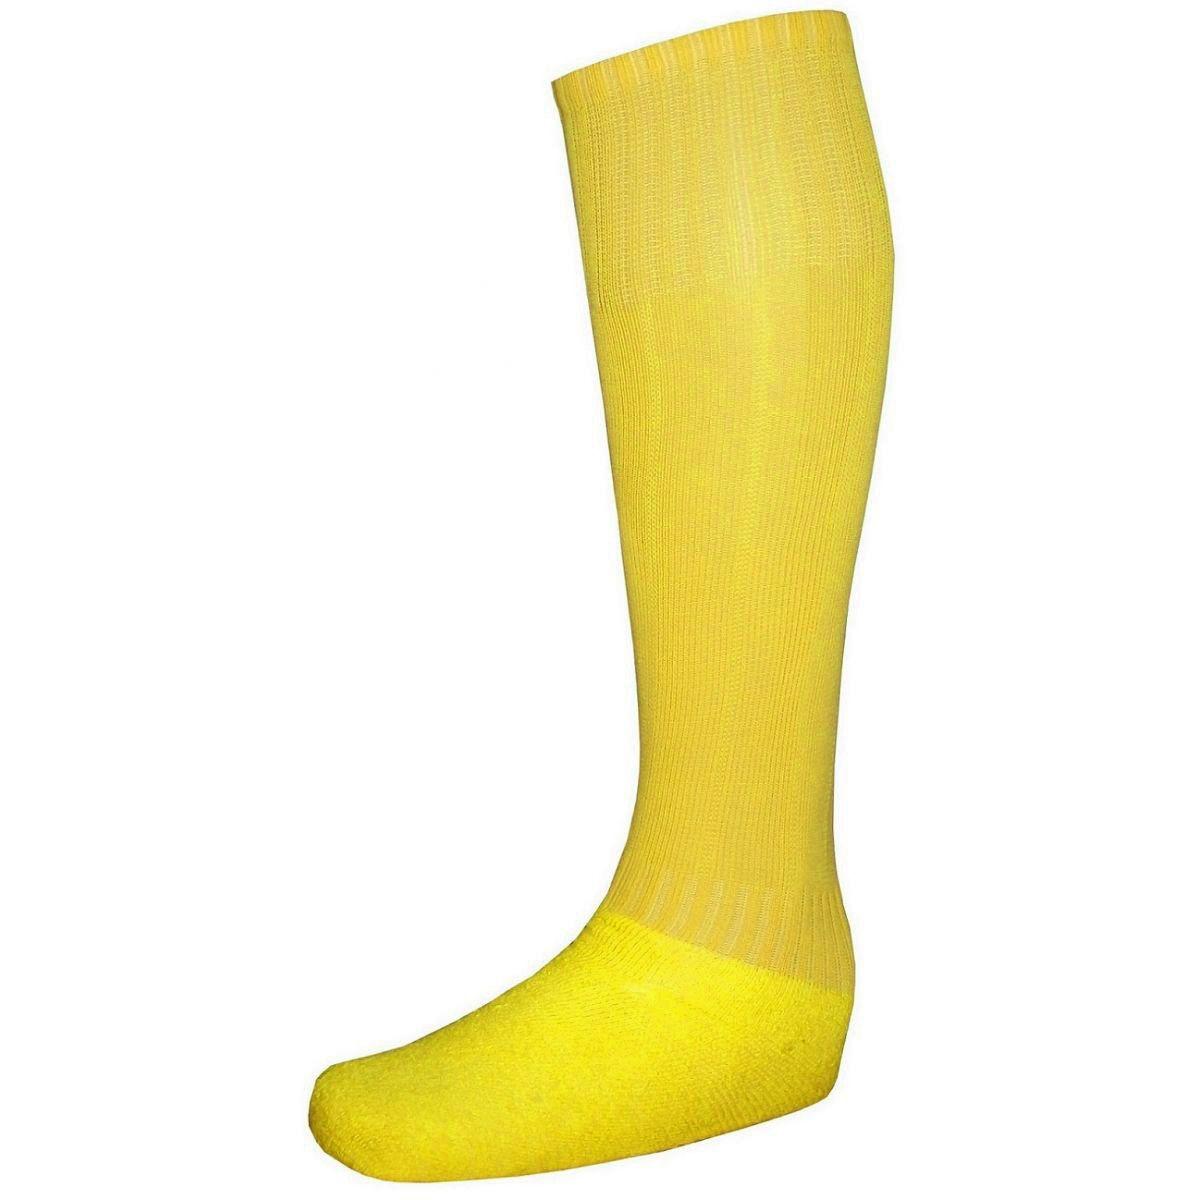 Uniforme Esportivo Completo Modelo Suécia 14+1 (14 Camisas Amarelo/Preto + 14 Calções Modelo Copa Preto/Amarelo + 14 Pares de Meiões Amarelos + 1 Conjunto de Goleiro) + Brindes